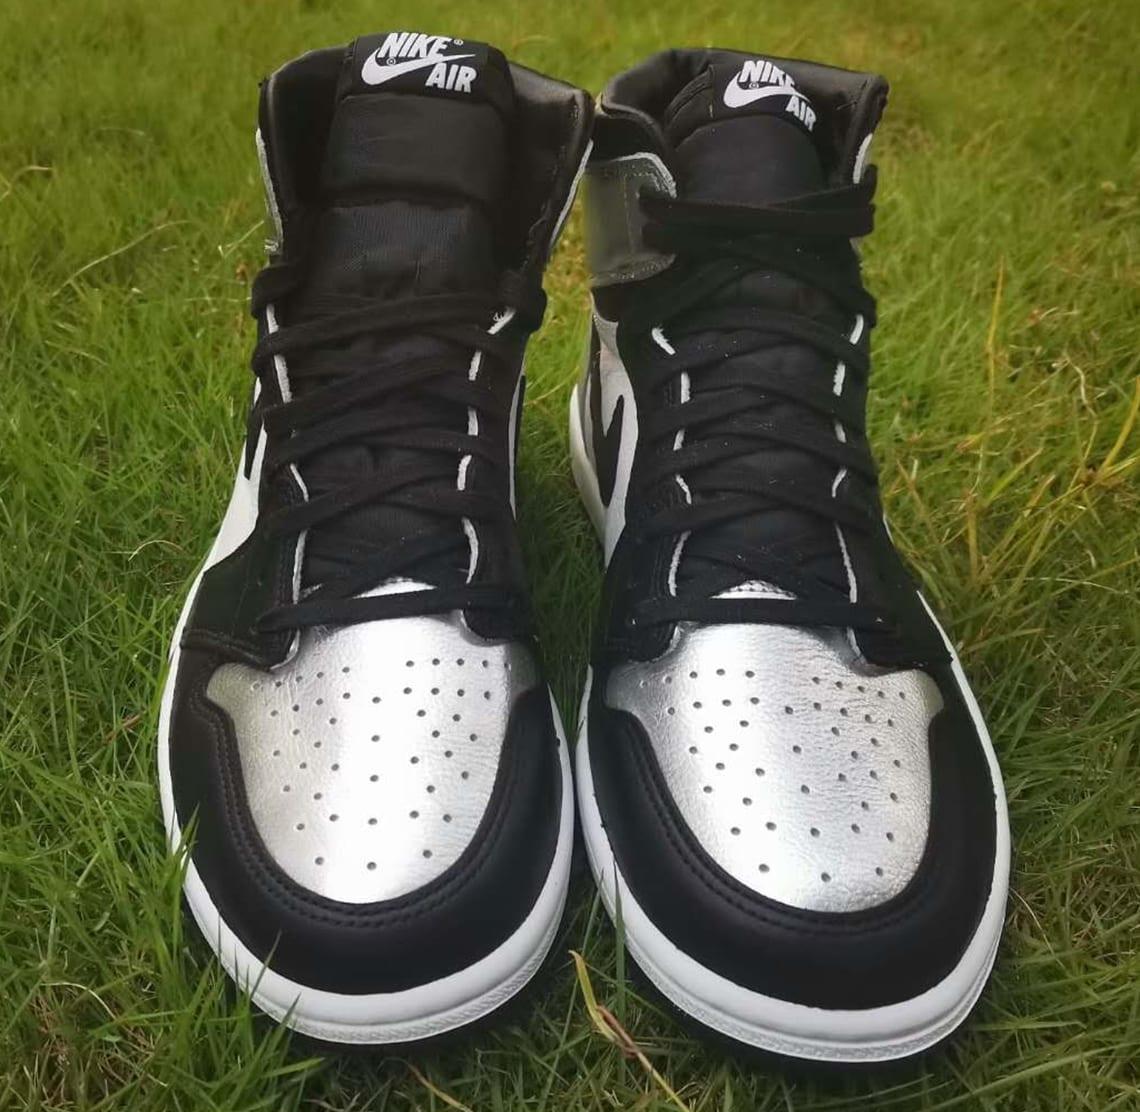 Air Jordan 1 Retro High OG Women's 'Silver Toe' CD0461-001 Front